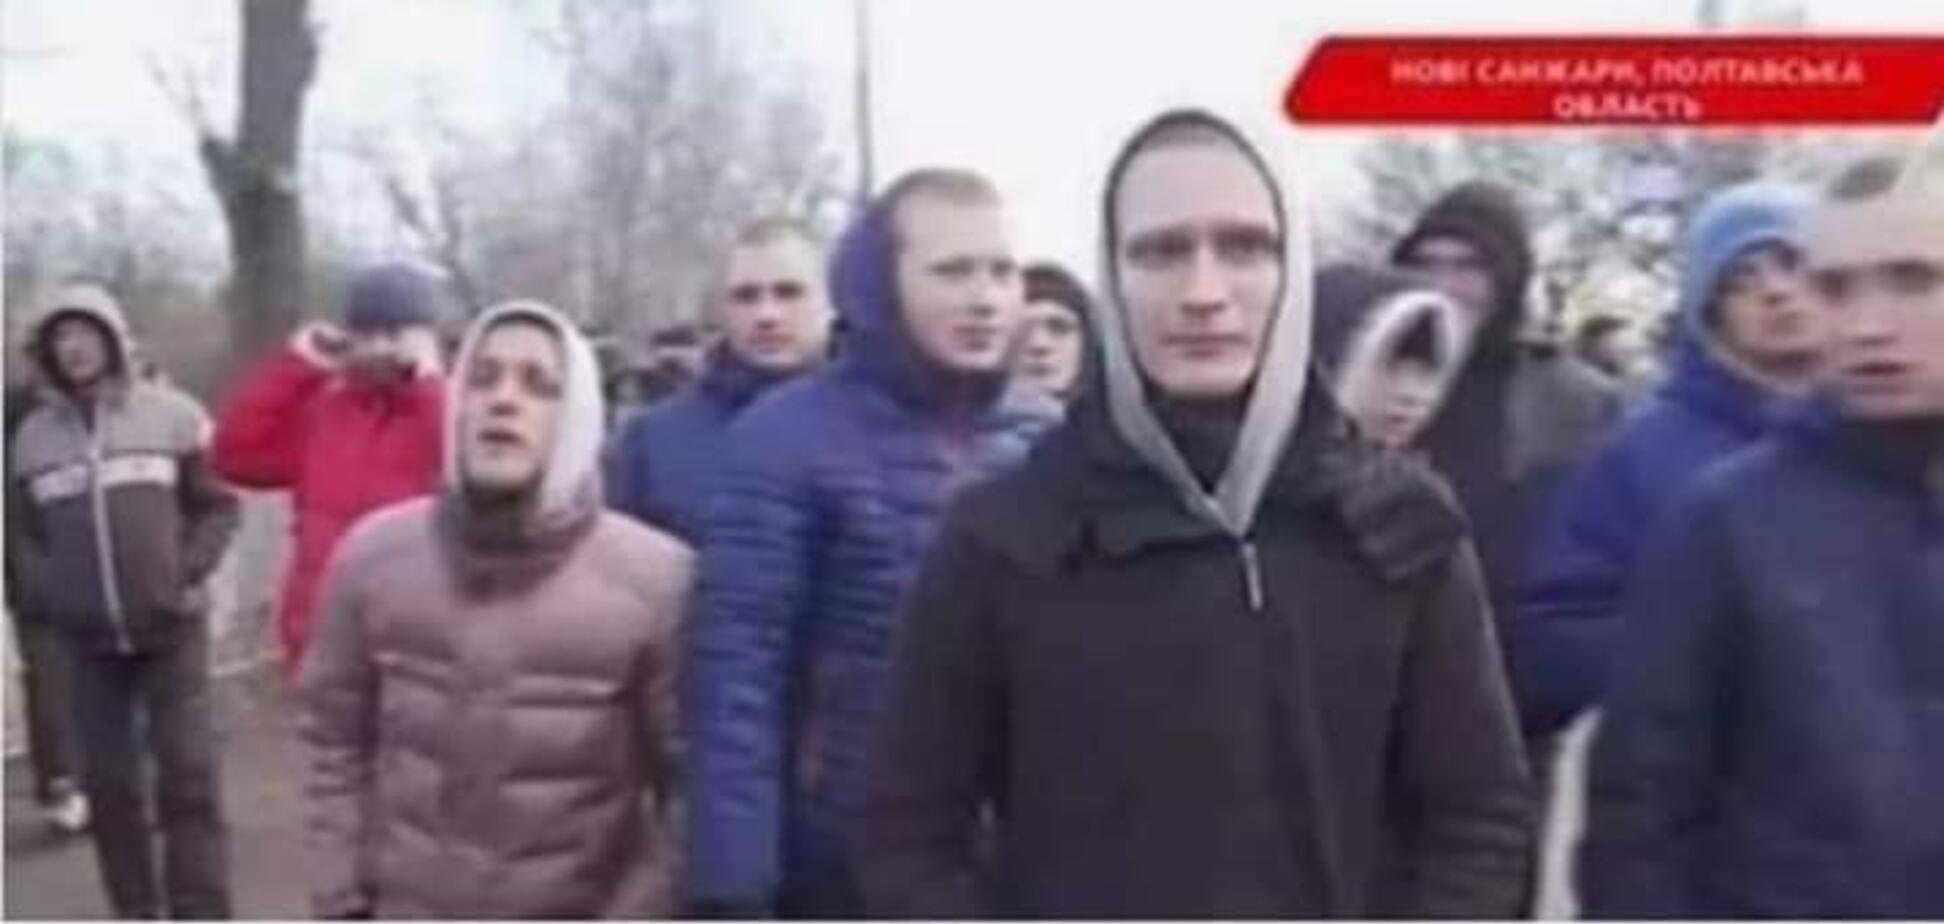 В Новые Санжары на протесты свезли людей из другой области. Журналист показал доказательства